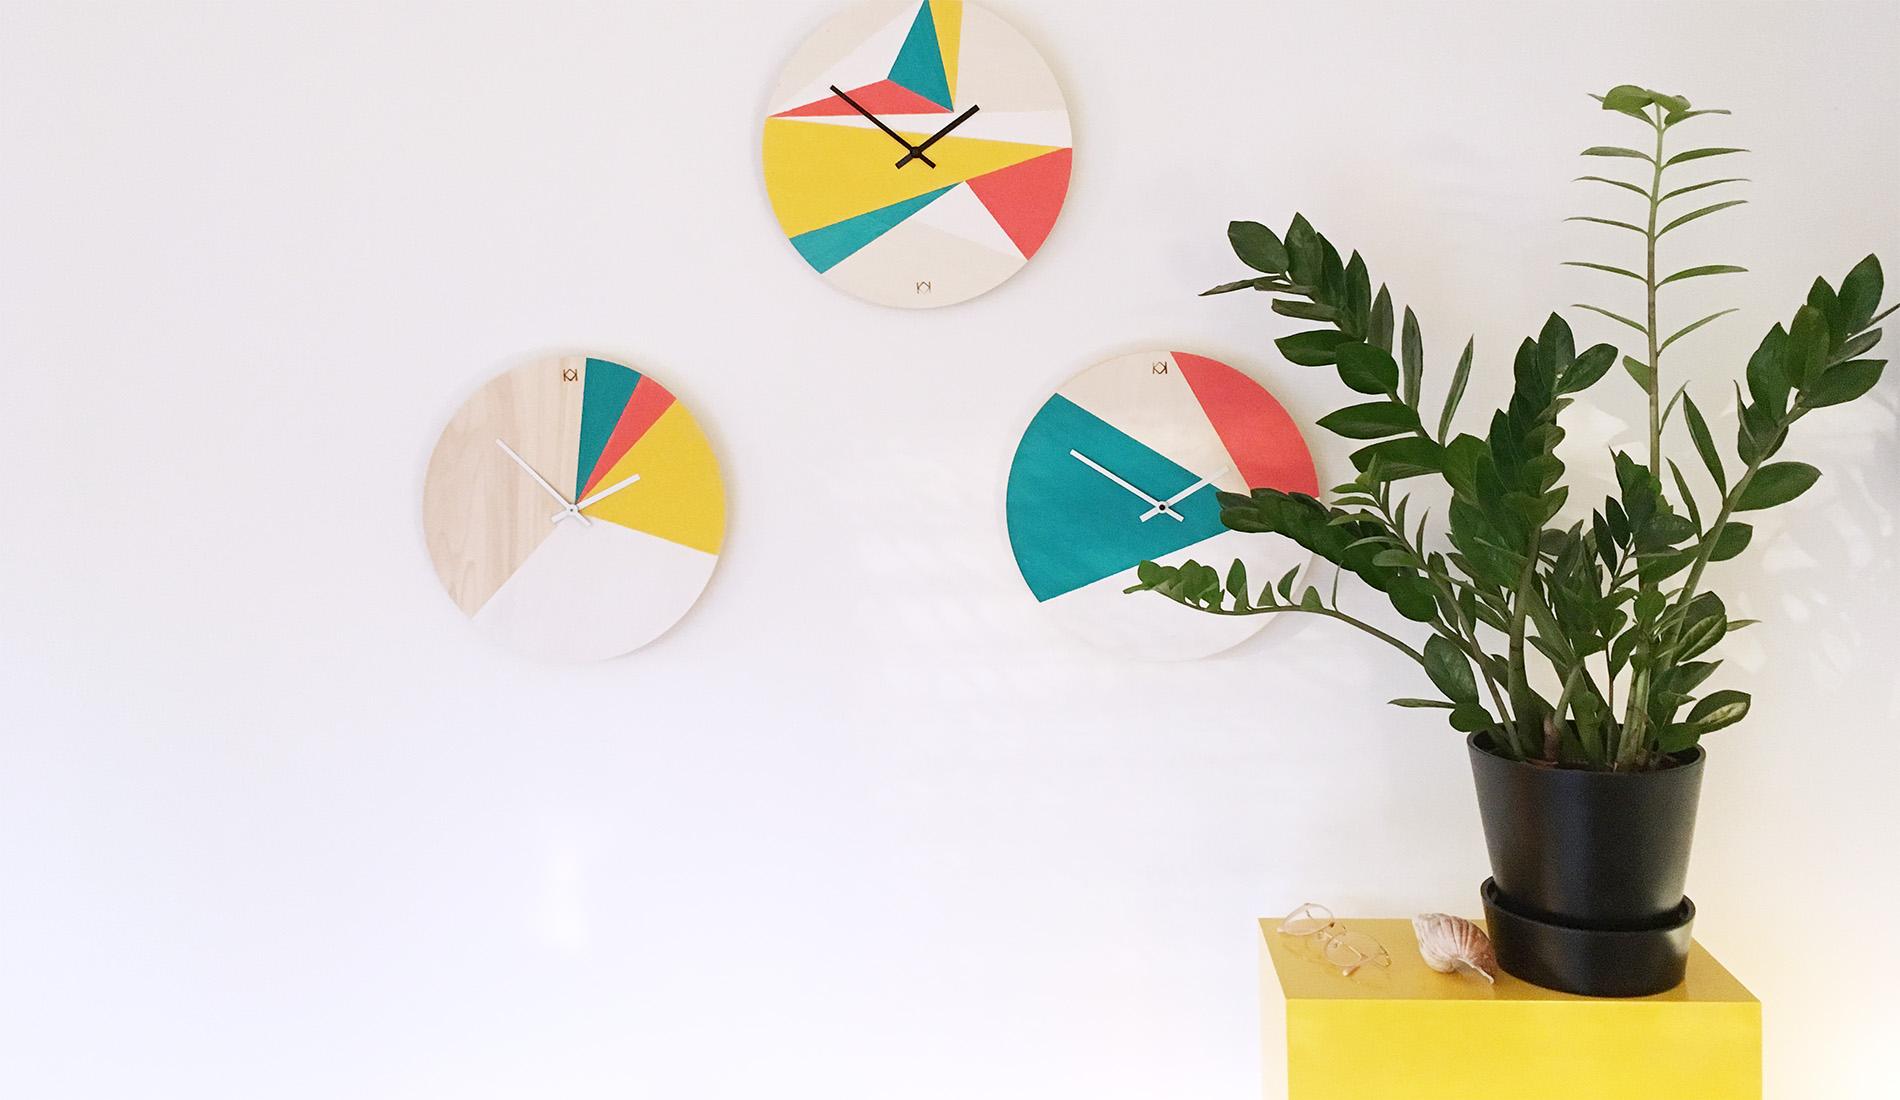 Kit horloge à fabriquer - Kit créatif déco - Horloge DIY à faire soi-même - kitik